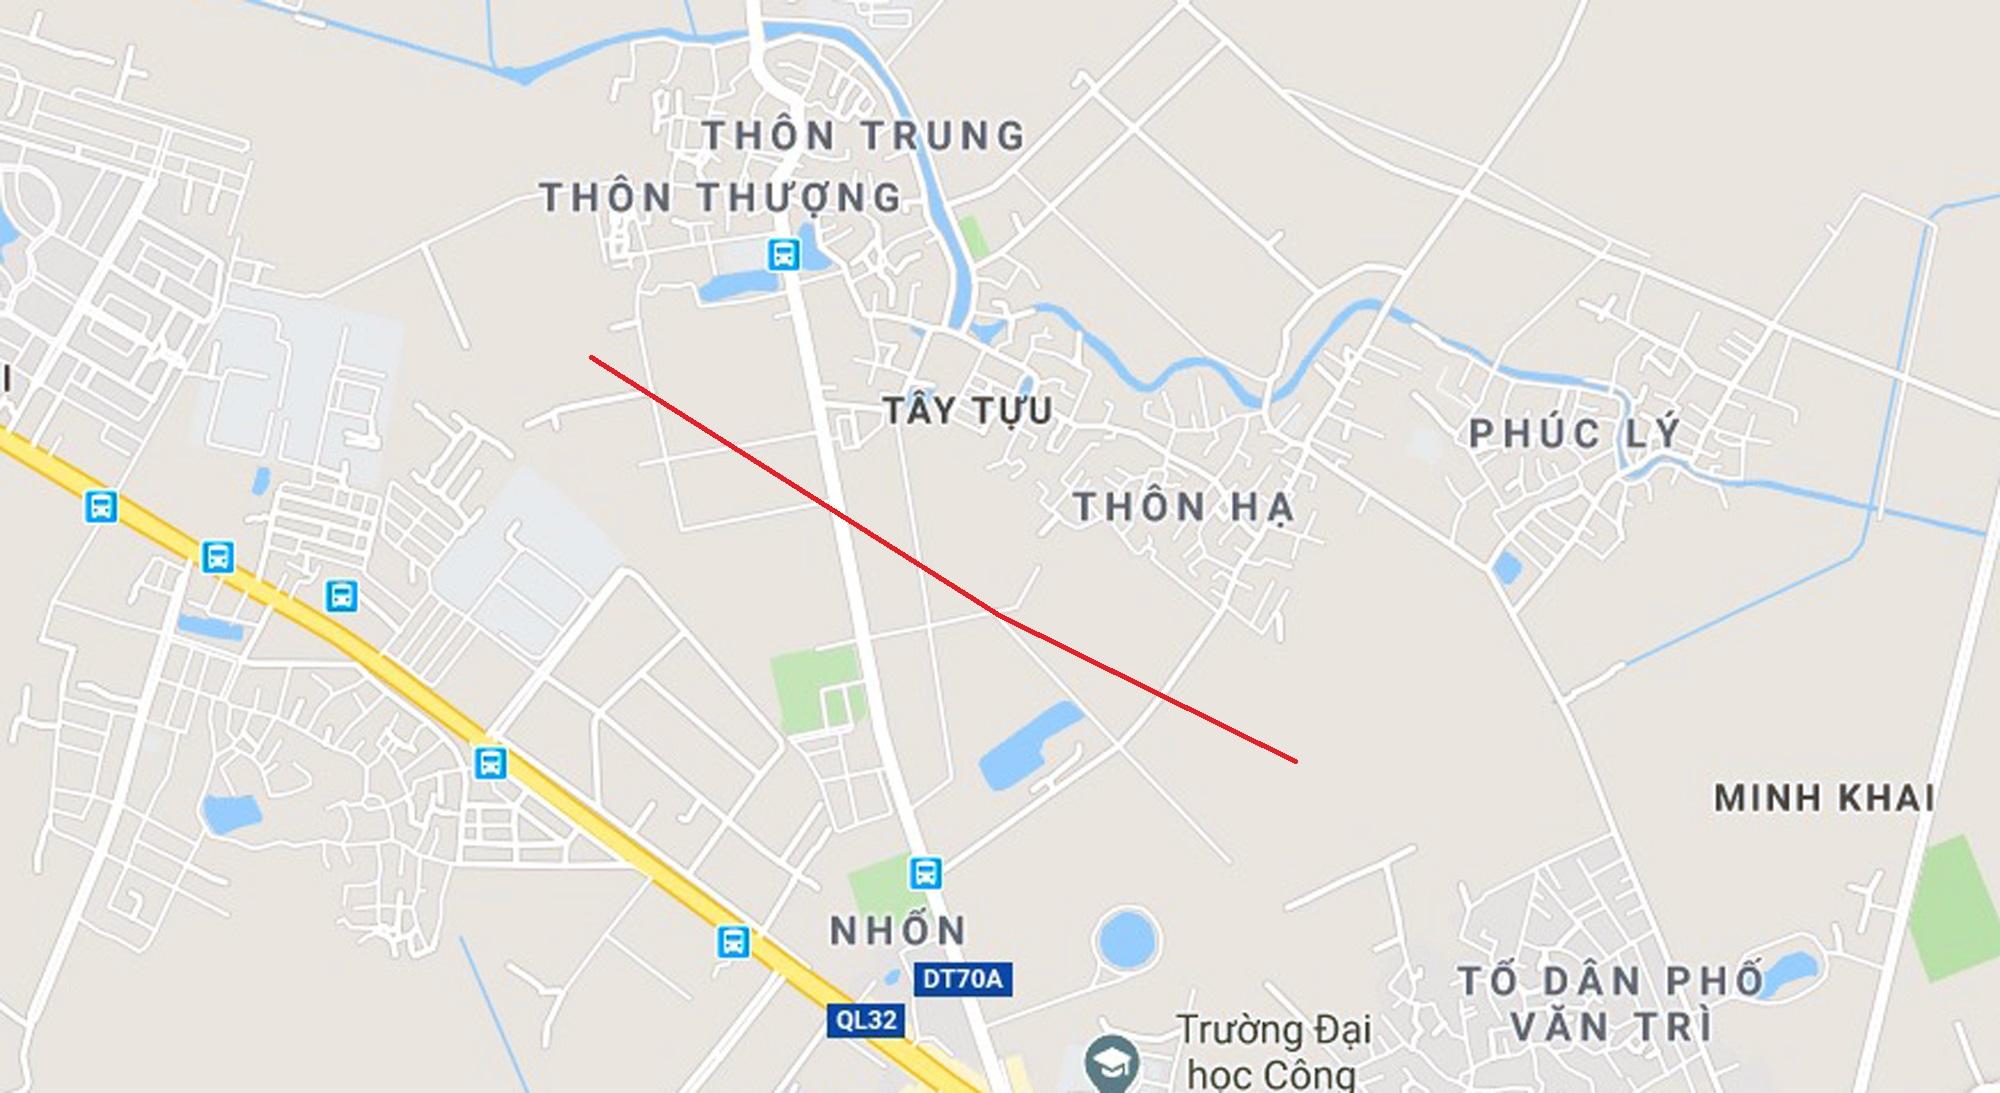 4 đường sẽ mở theo qui hoạch ở phường Tây Tựu, Bắc Từ Liêm - Ảnh 17.